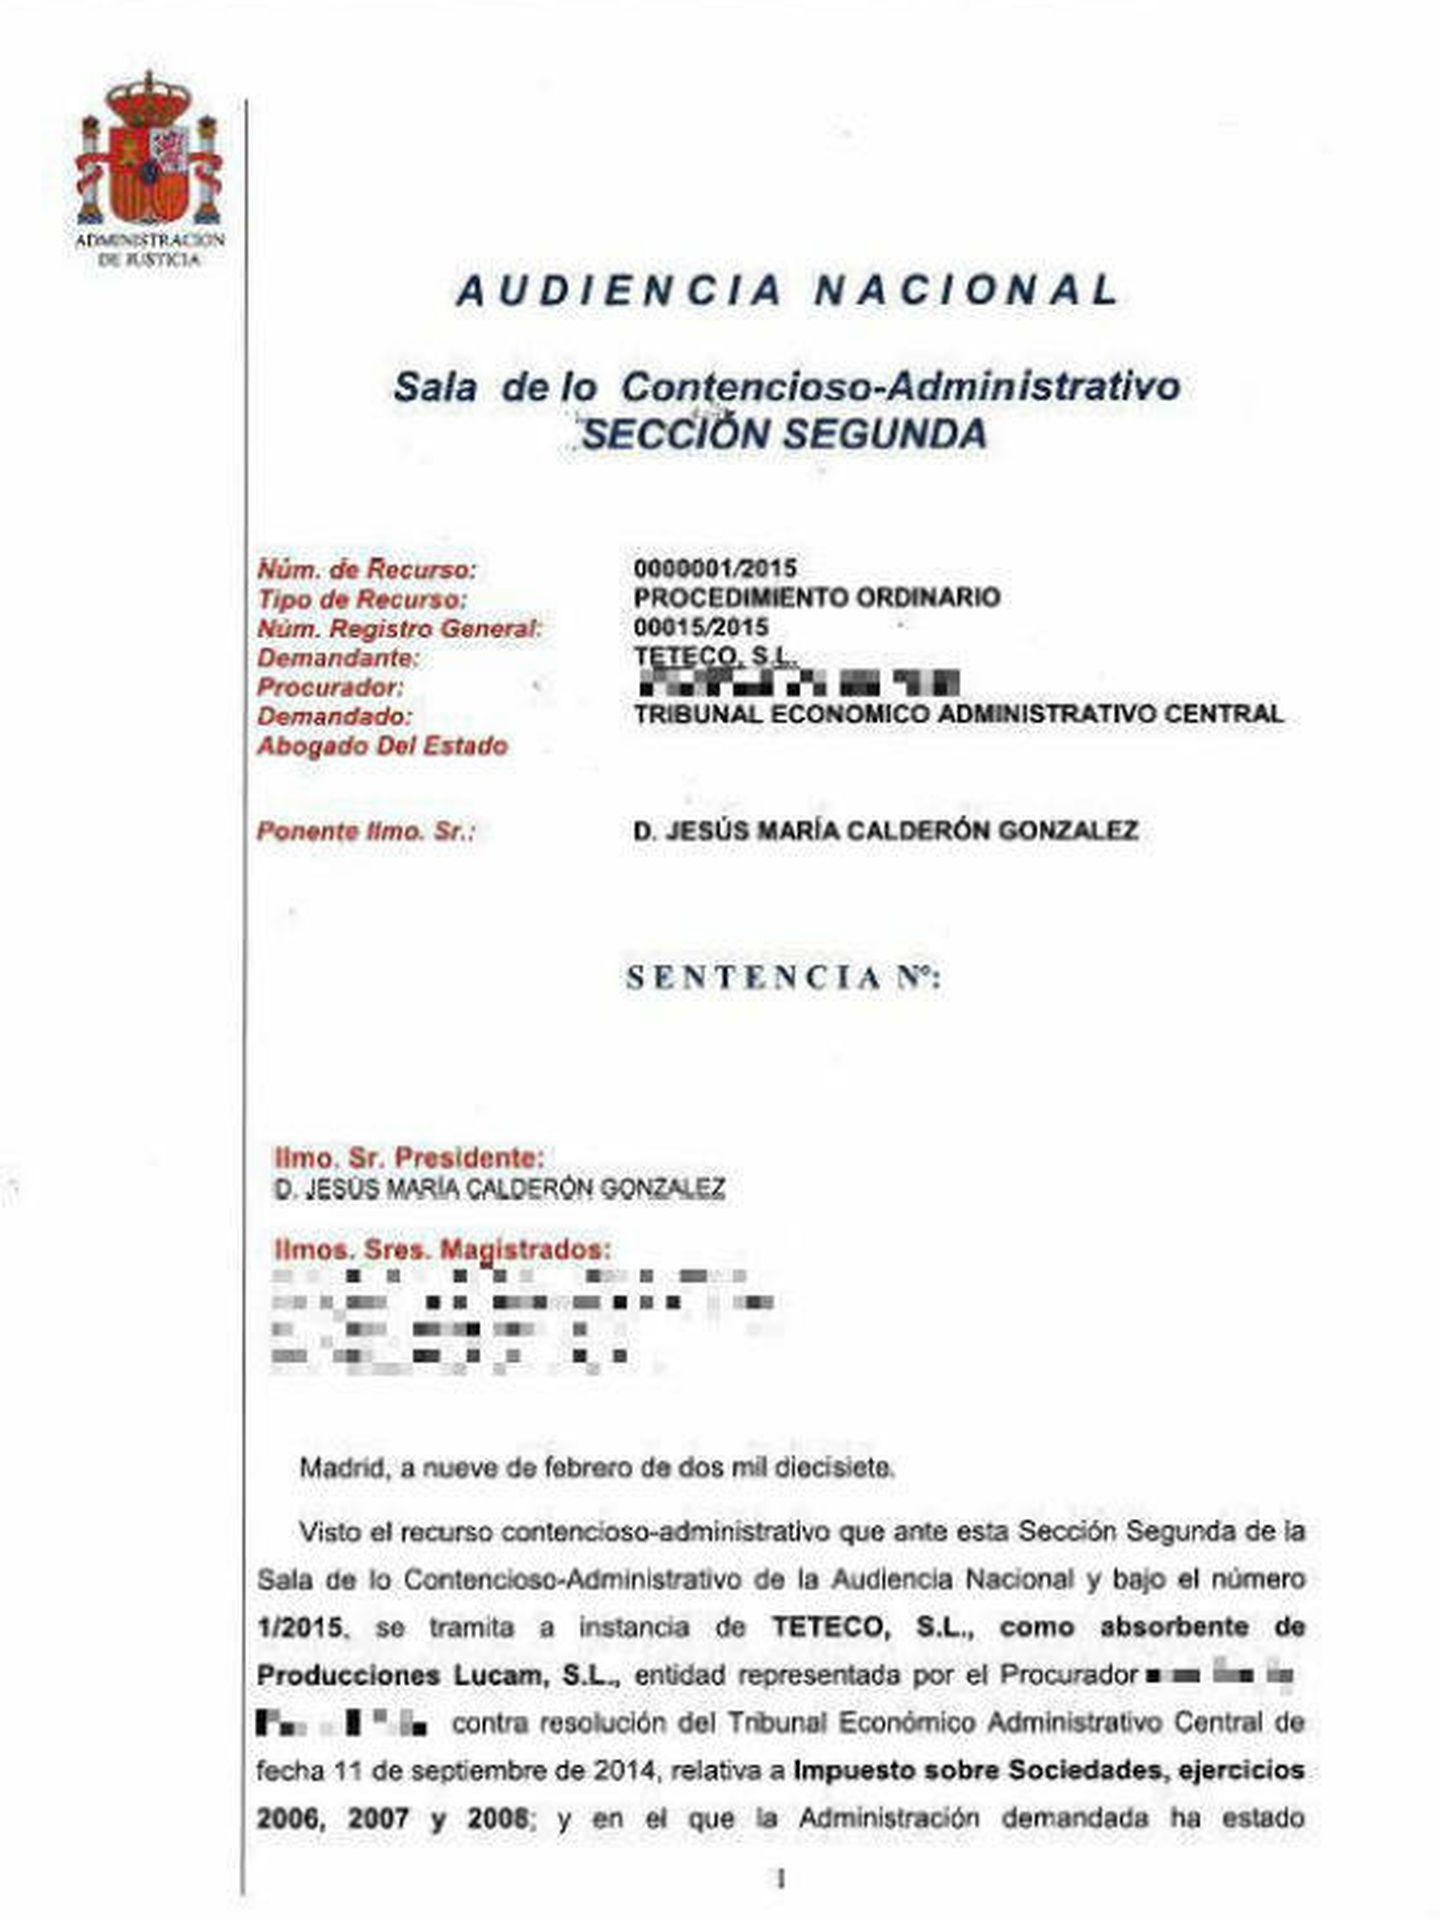 Sentencia de la Audiencia Nacional.